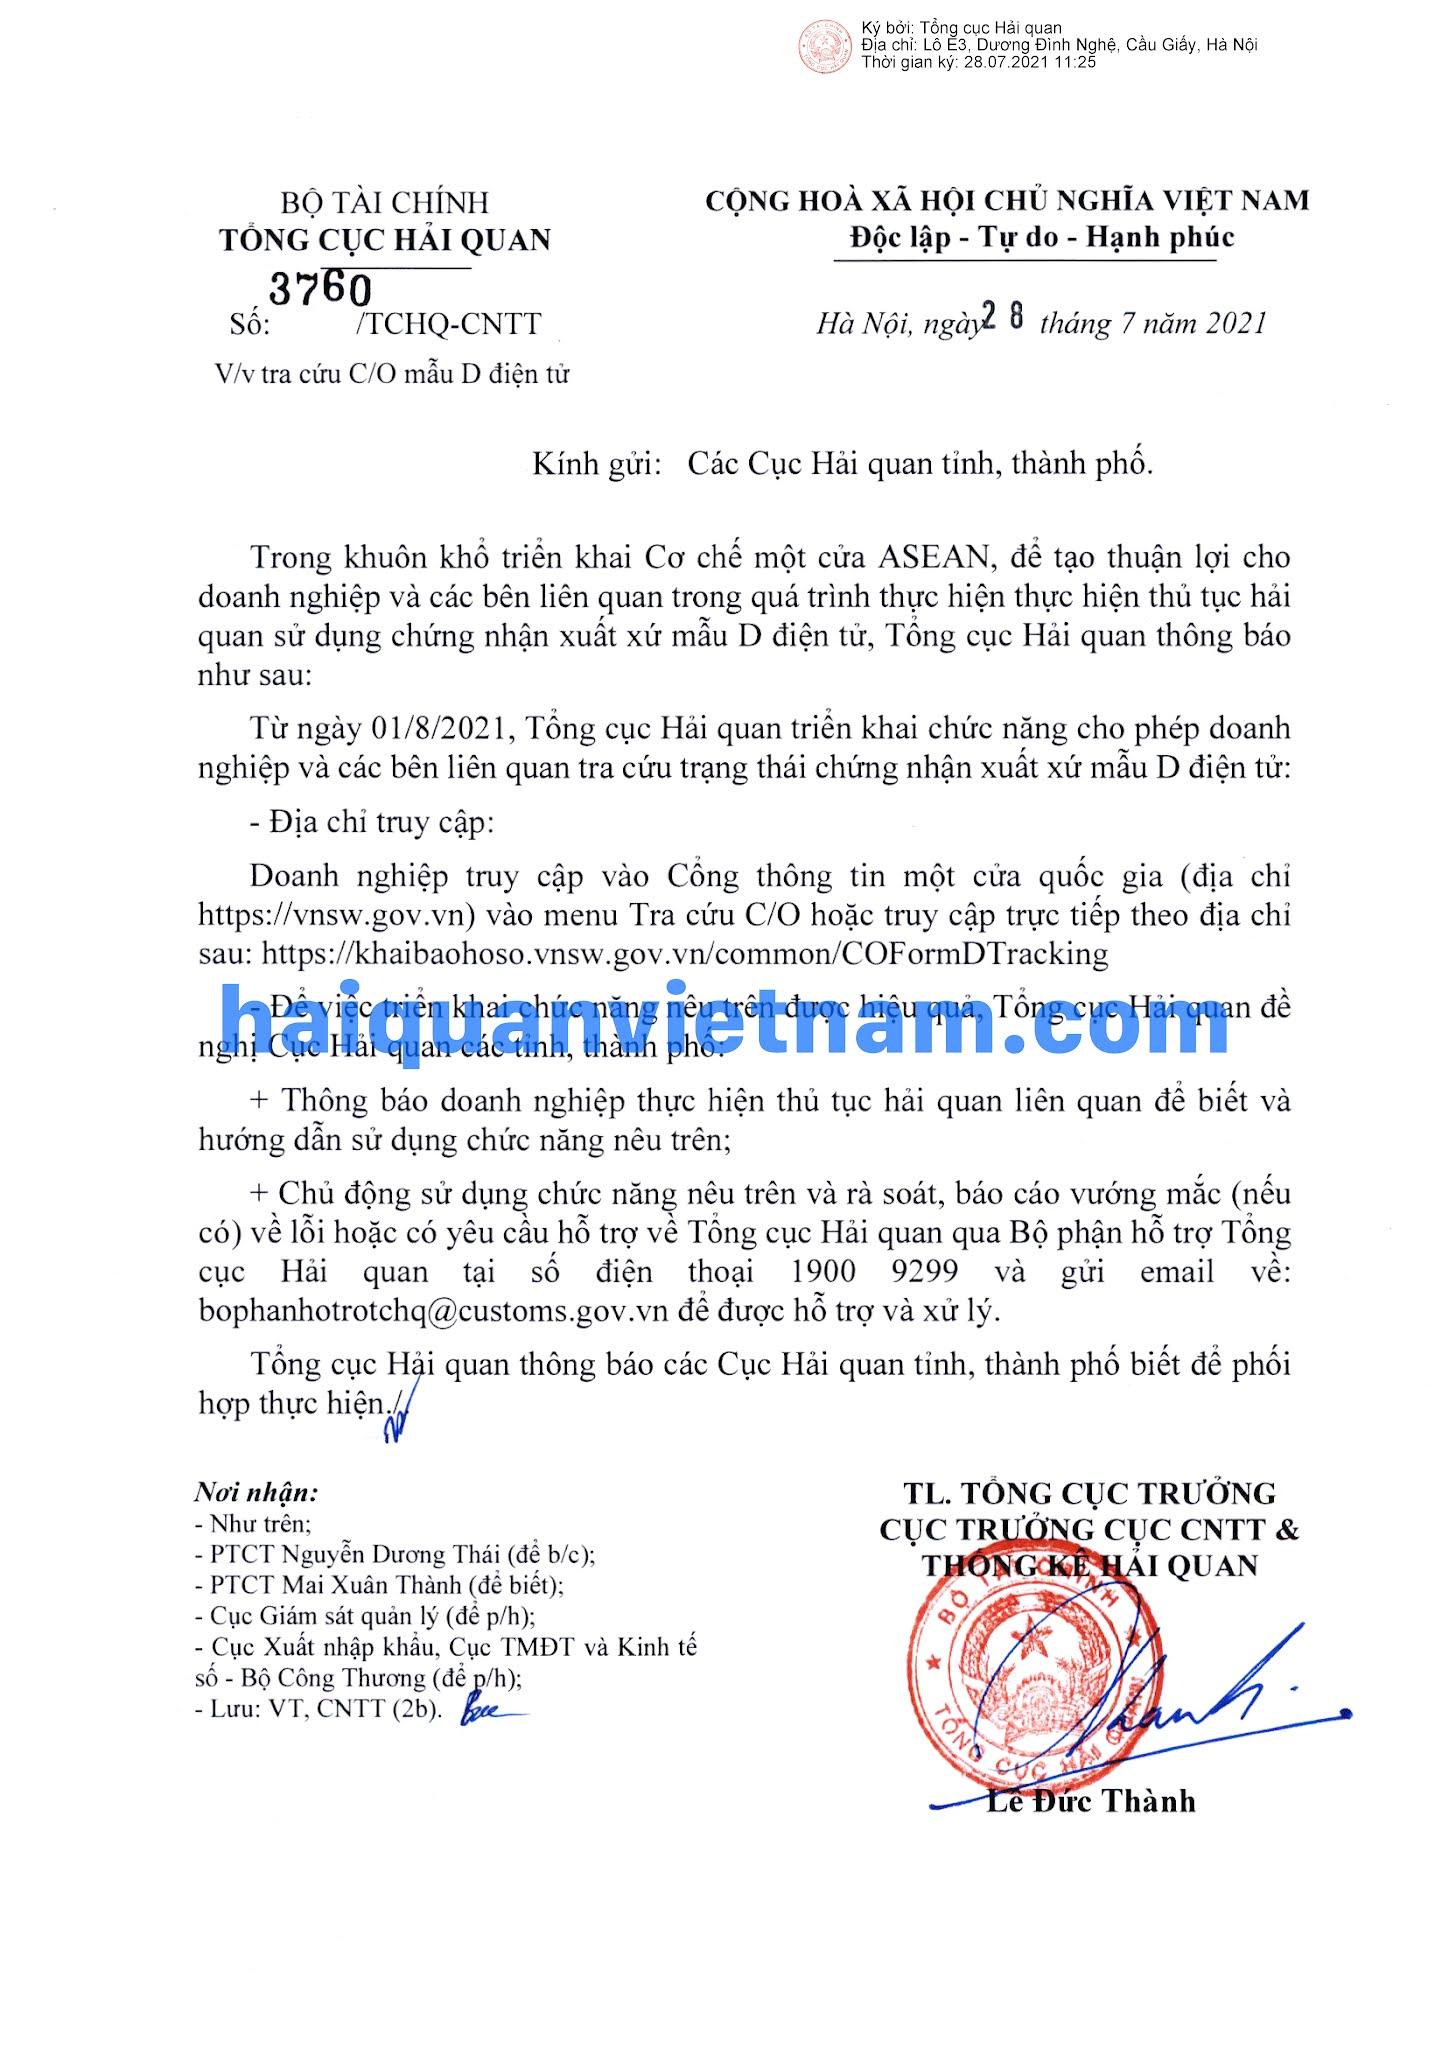 [Image: 210728%2B-%2B3760-TCHQ-CNTT_haiquanvietnam_01.jpg]